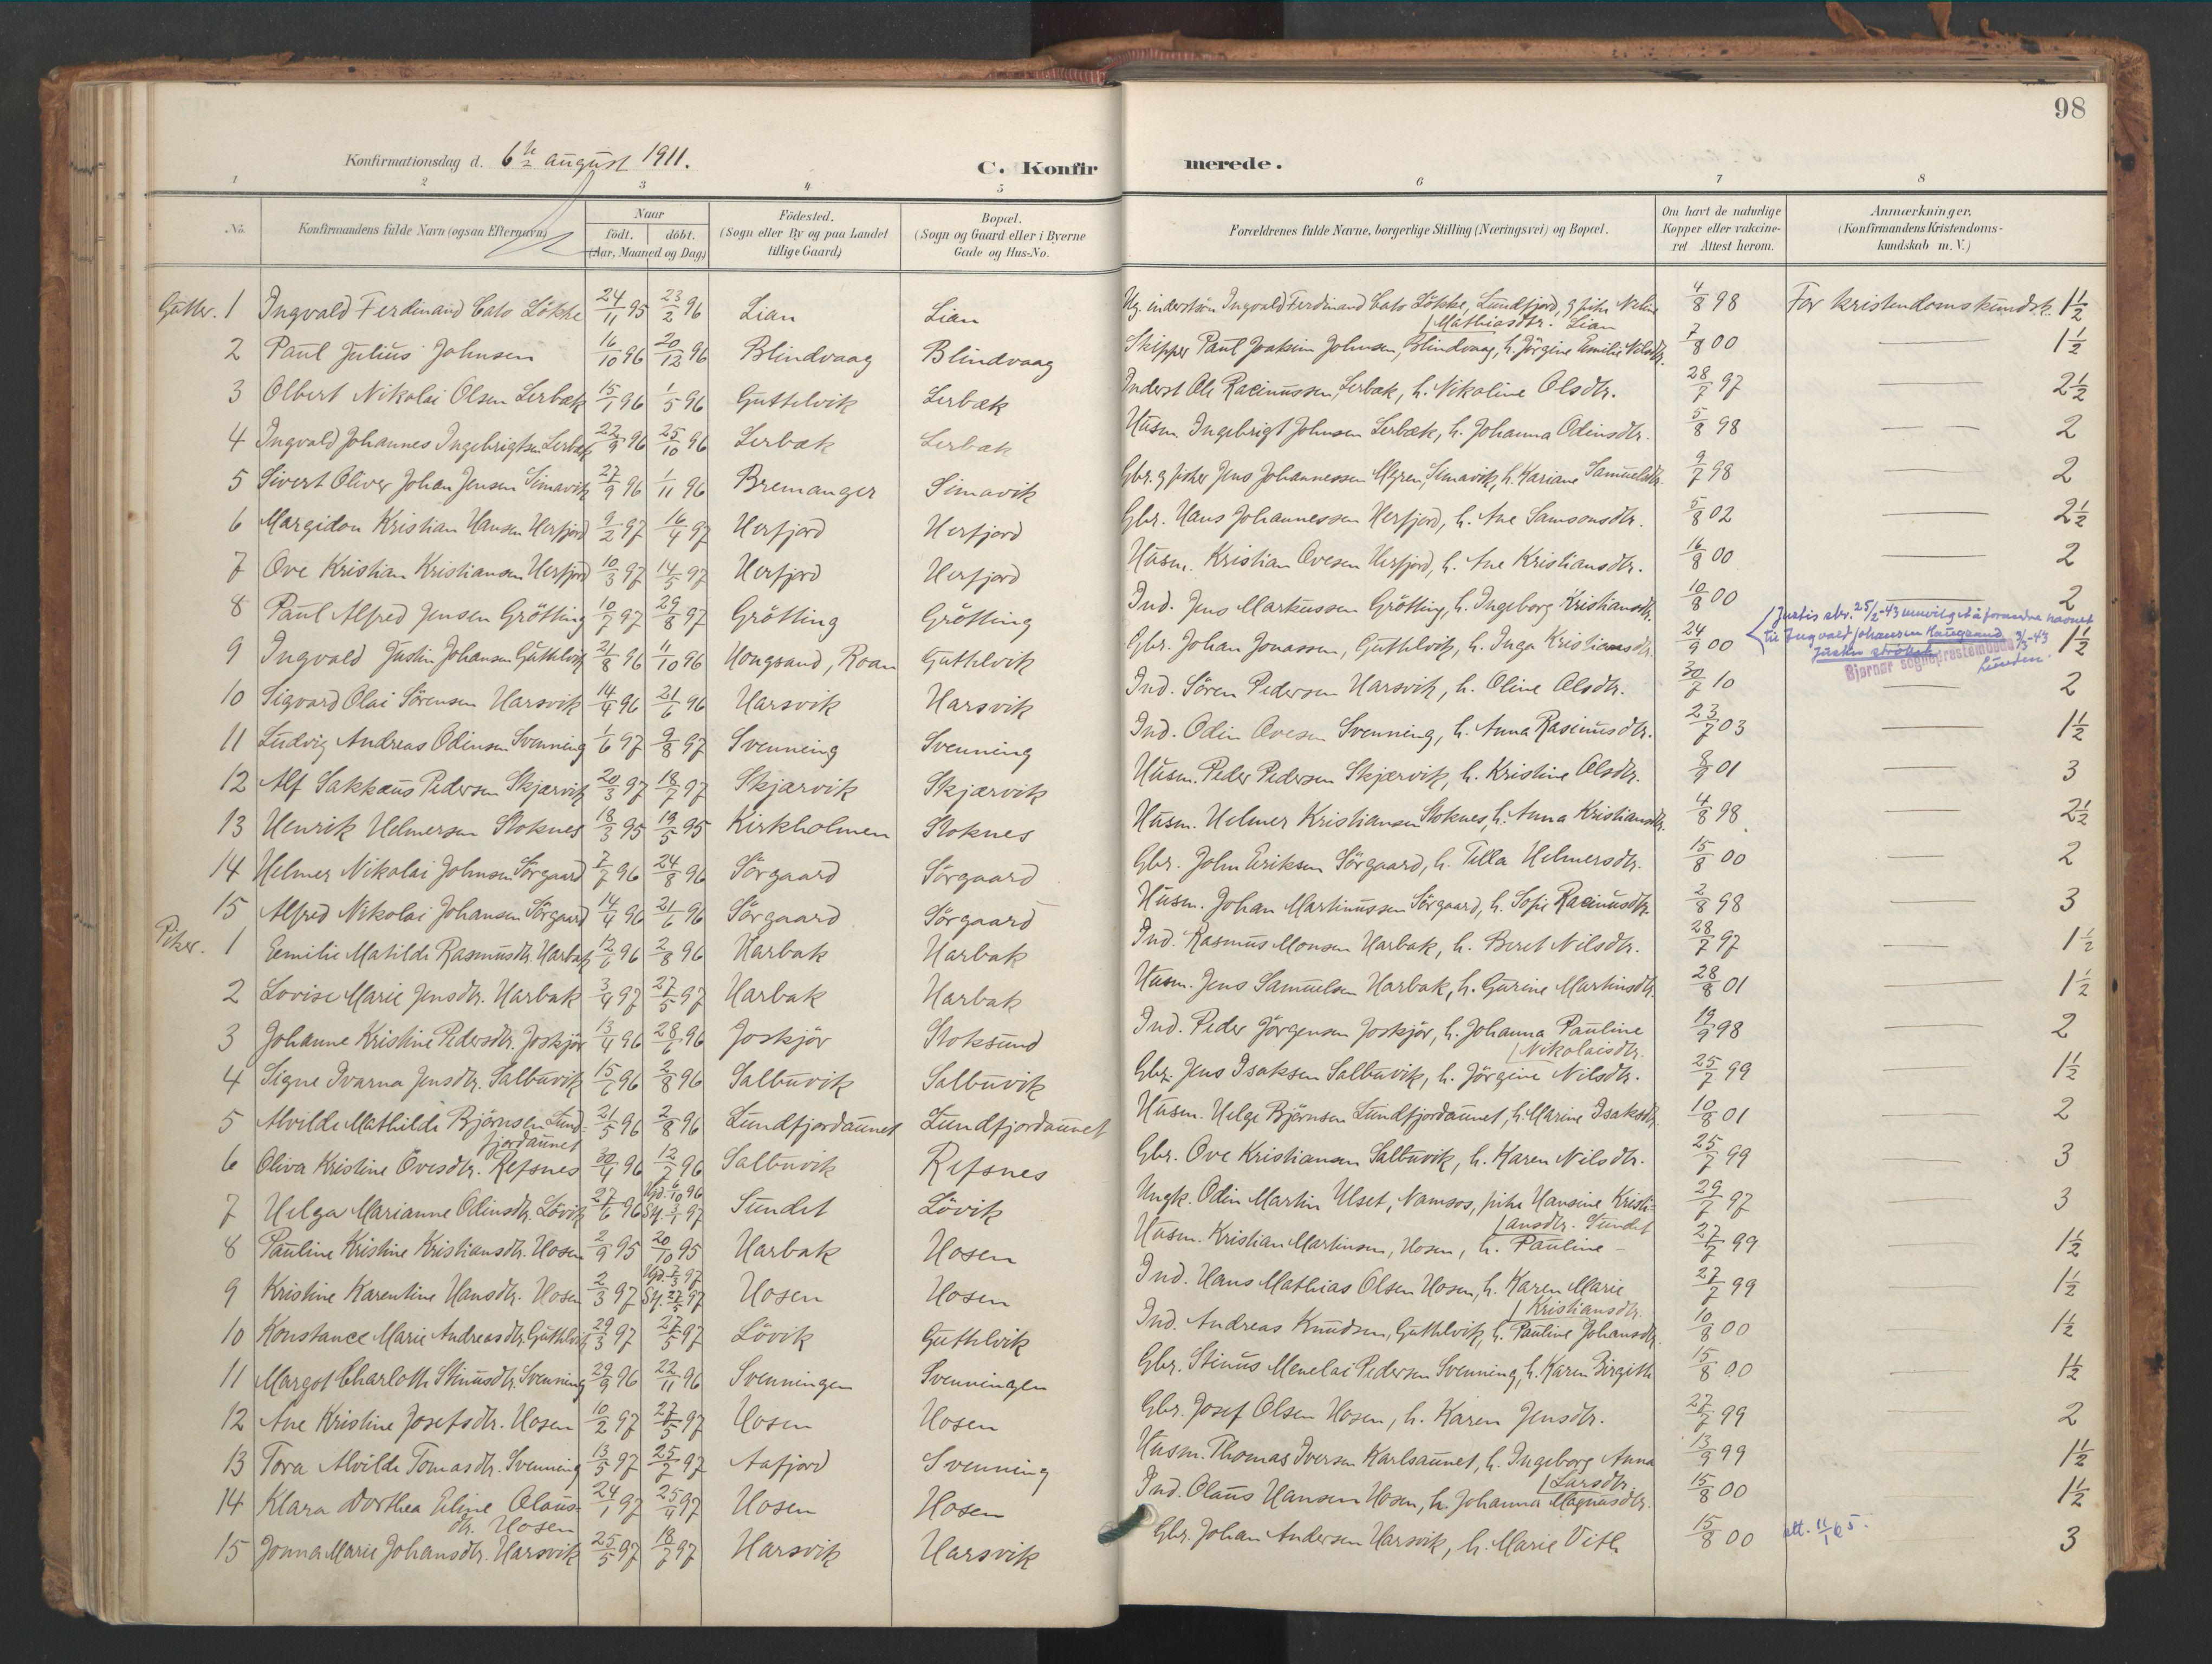 SAT, Ministerialprotokoller, klokkerbøker og fødselsregistre - Sør-Trøndelag, 656/L0693: Ministerialbok nr. 656A02, 1894-1913, s. 98